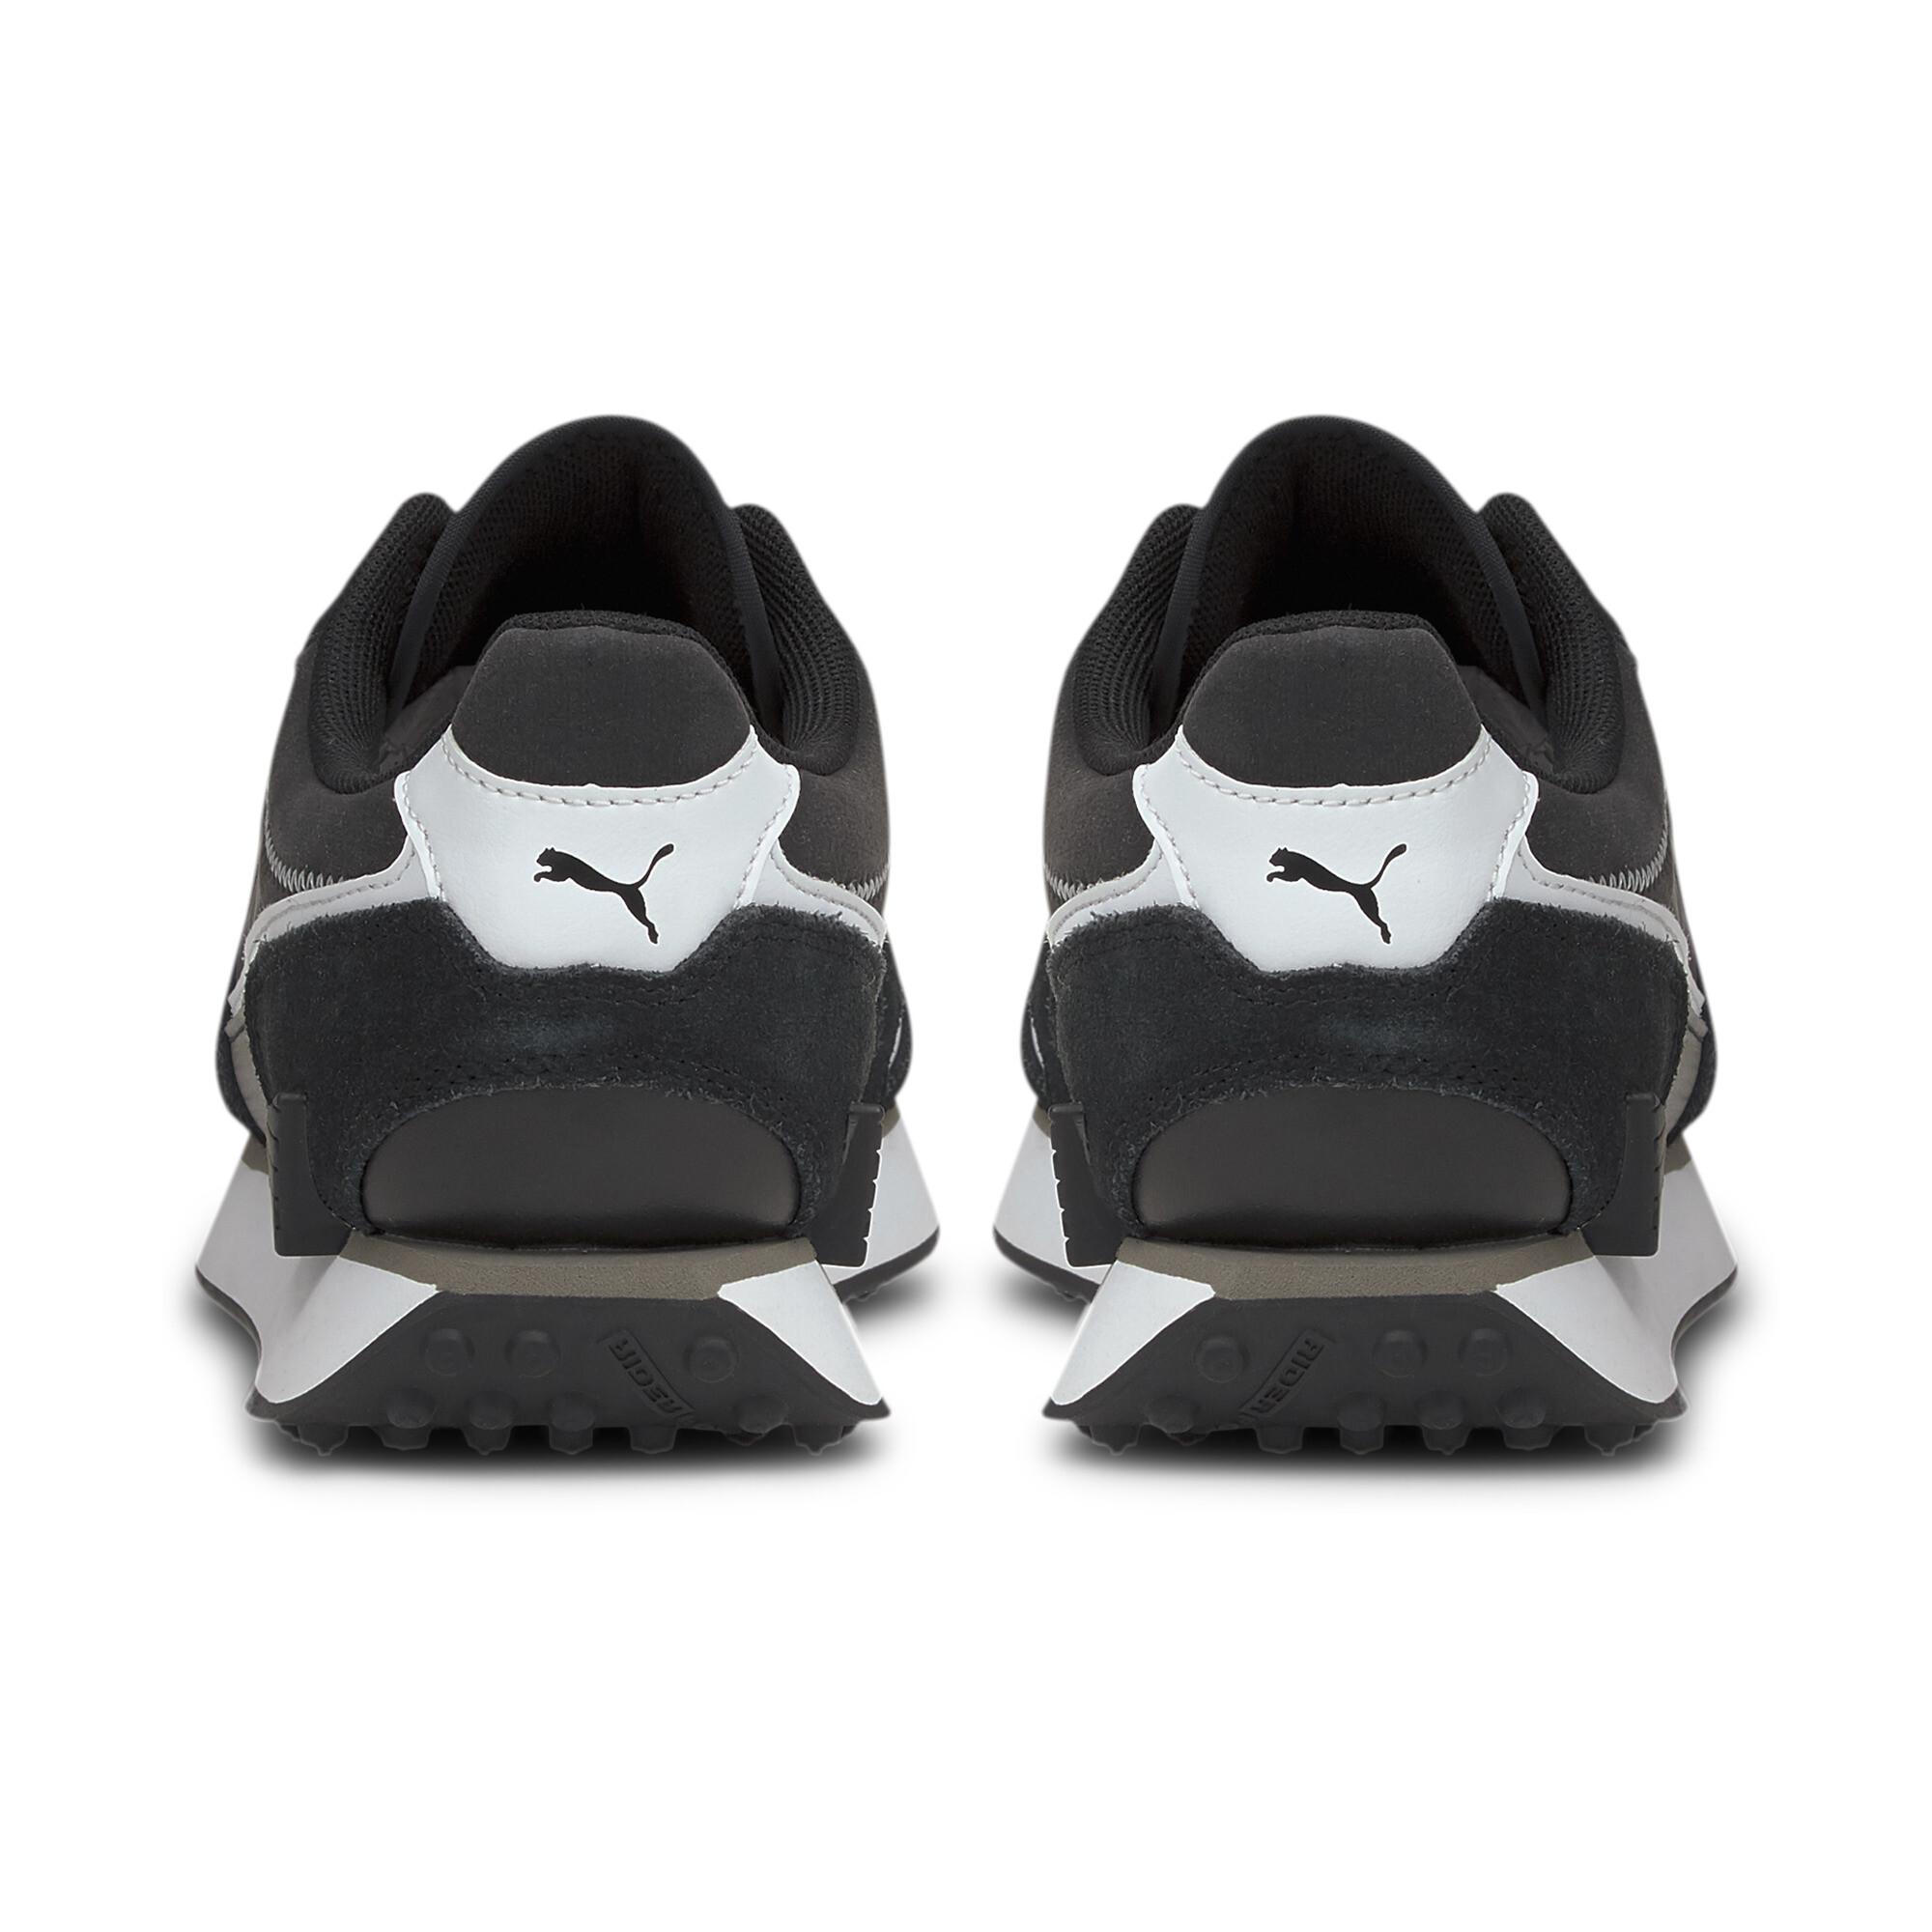 Indexbild 15 - PUMA-Mile-Rider-Chrome-Desert-Damen-Sneaker-Frauen-Schuhe-Neu